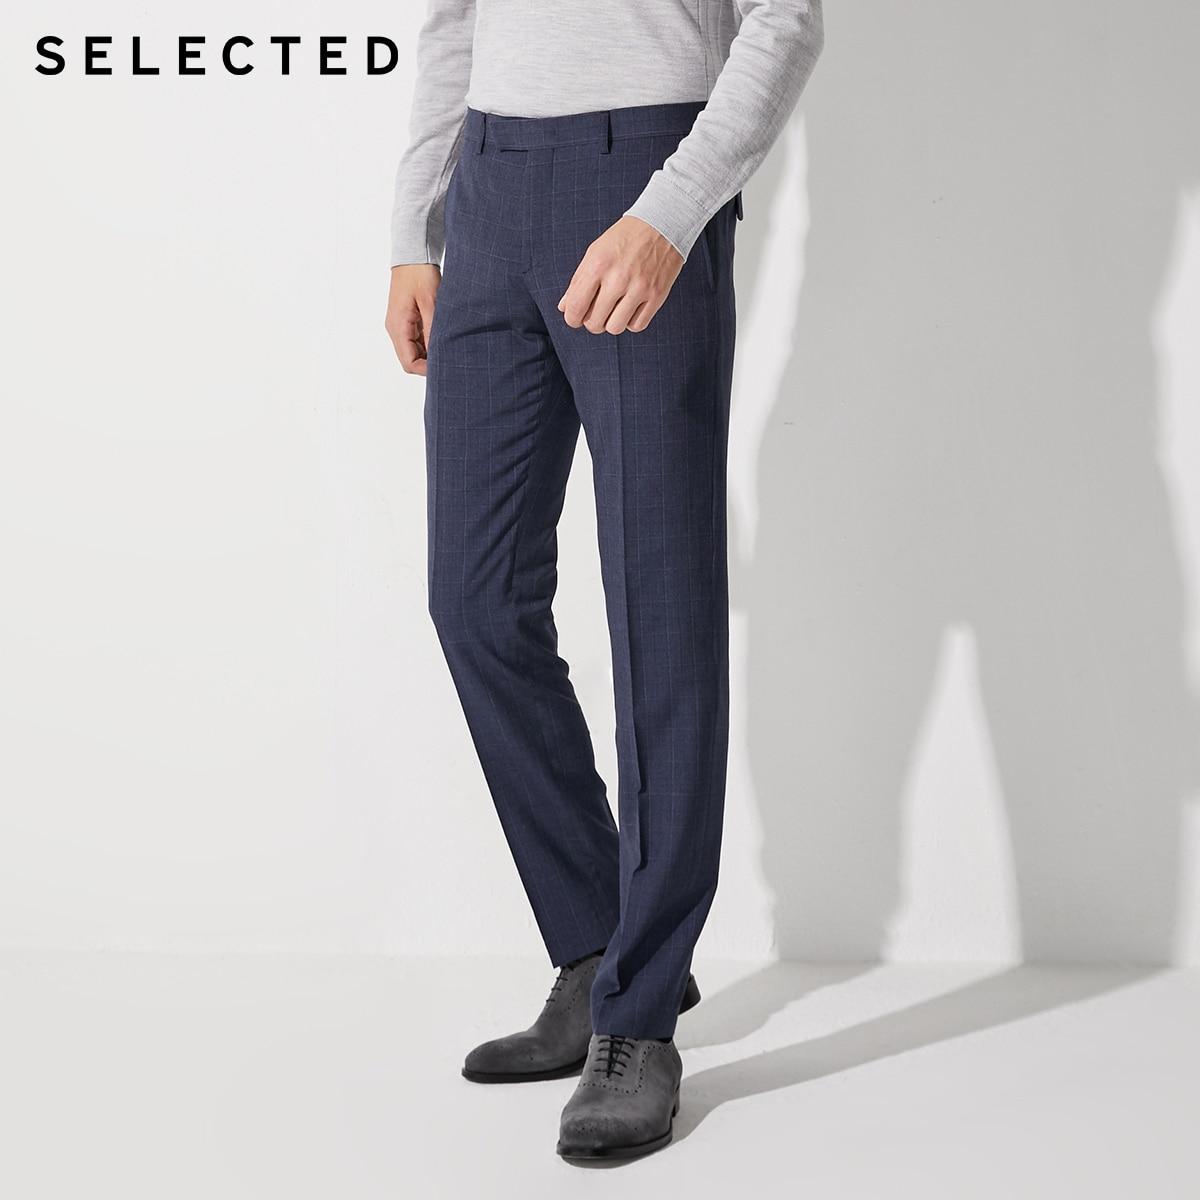 SELECTED Men's Slim Fit Business Casual Plaid Suit Pants SIG|42016A503